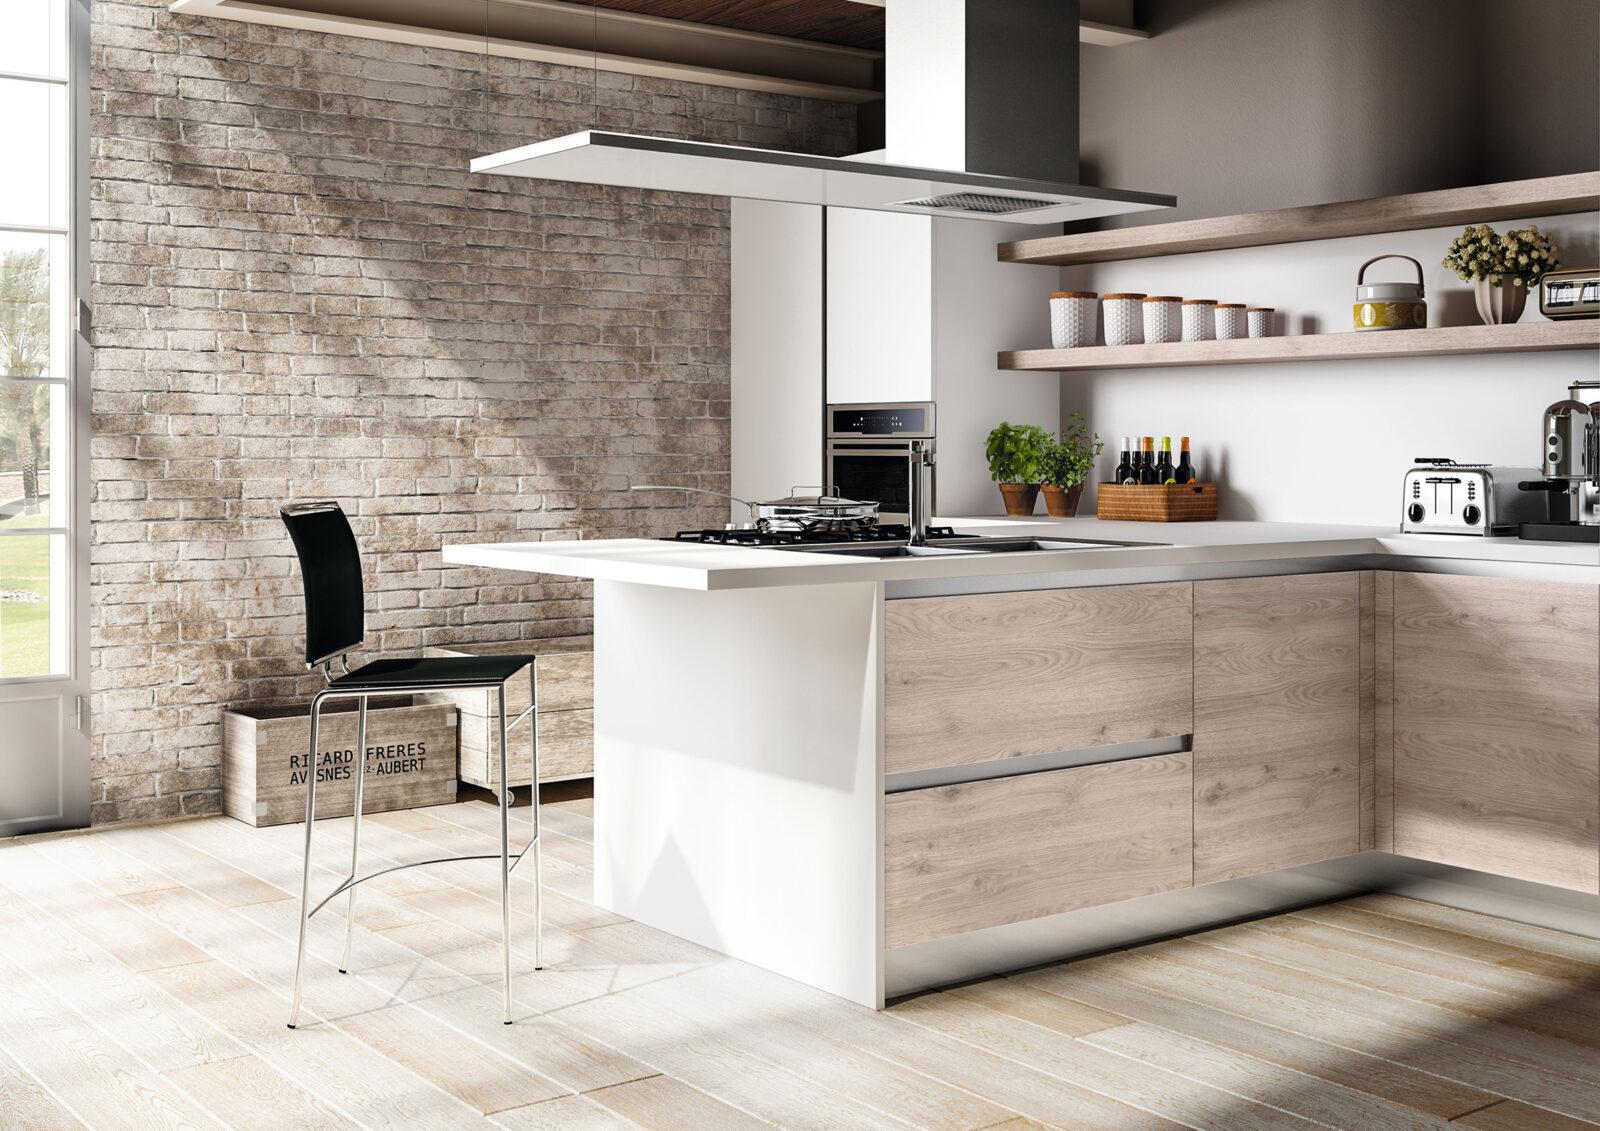 Produzione Cucine Su Misura Castel San Pietro – Linea B Cucine